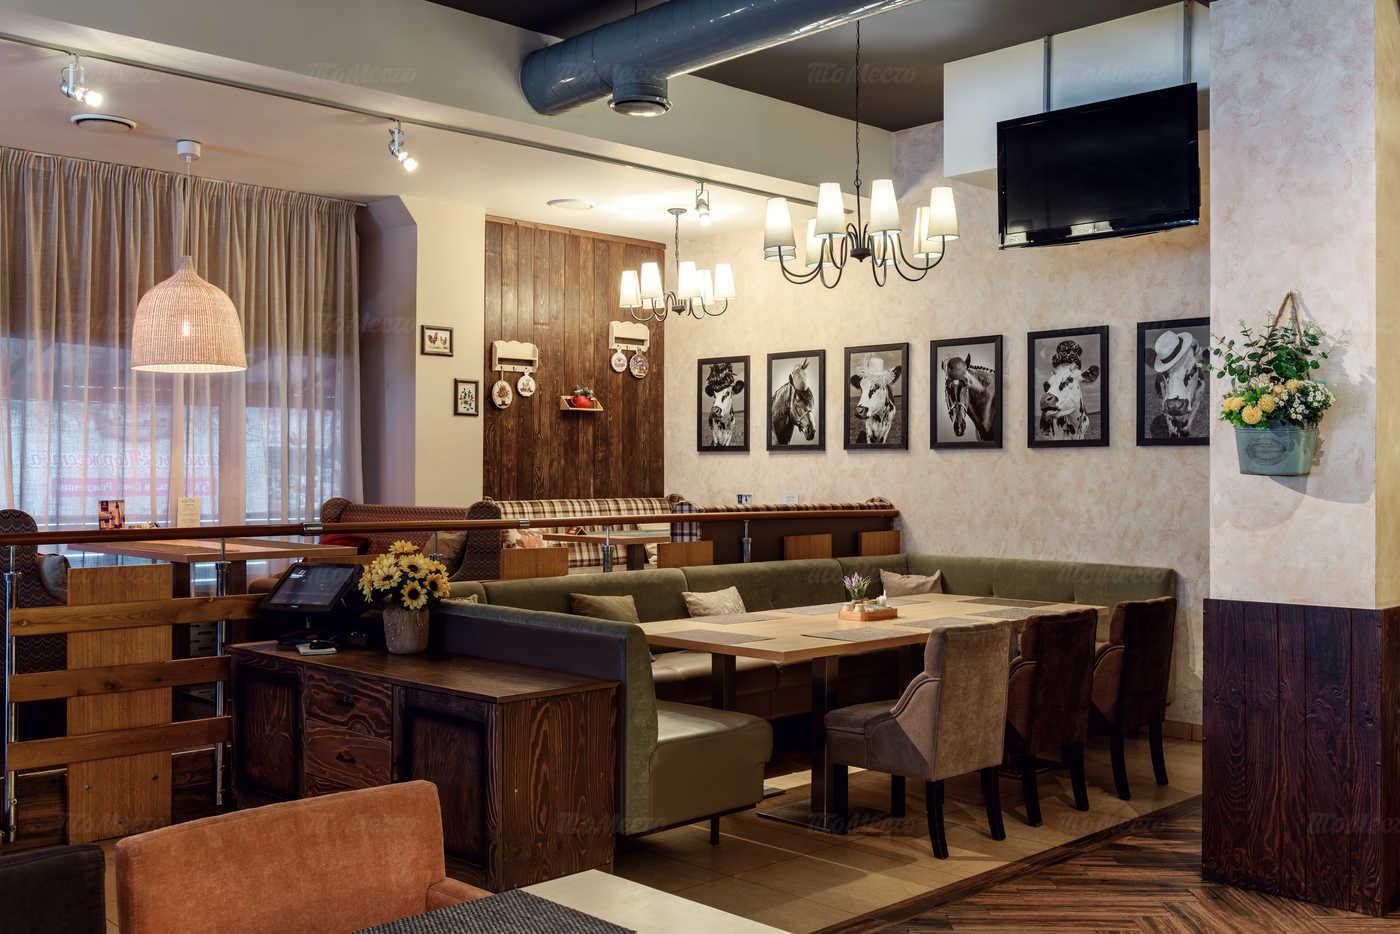 Кафе Фазенда на проспекте имени газеты Красноярский Рабочий фото 2